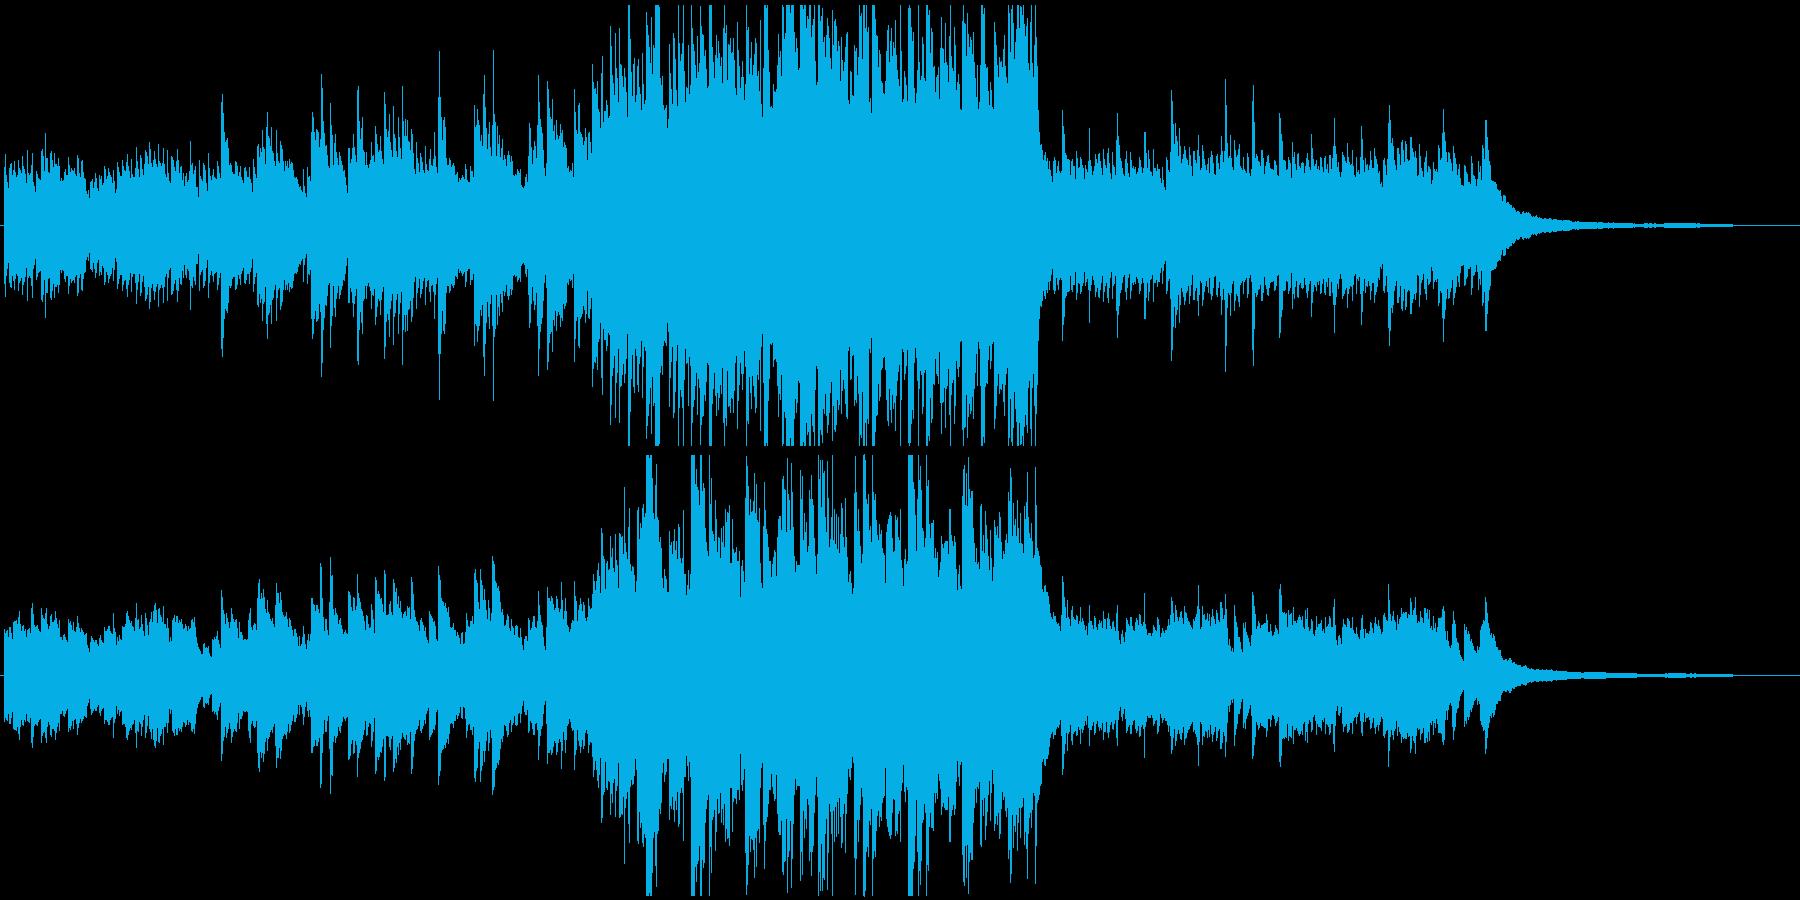 幼い頃を思い出すようなピアノ曲の再生済みの波形